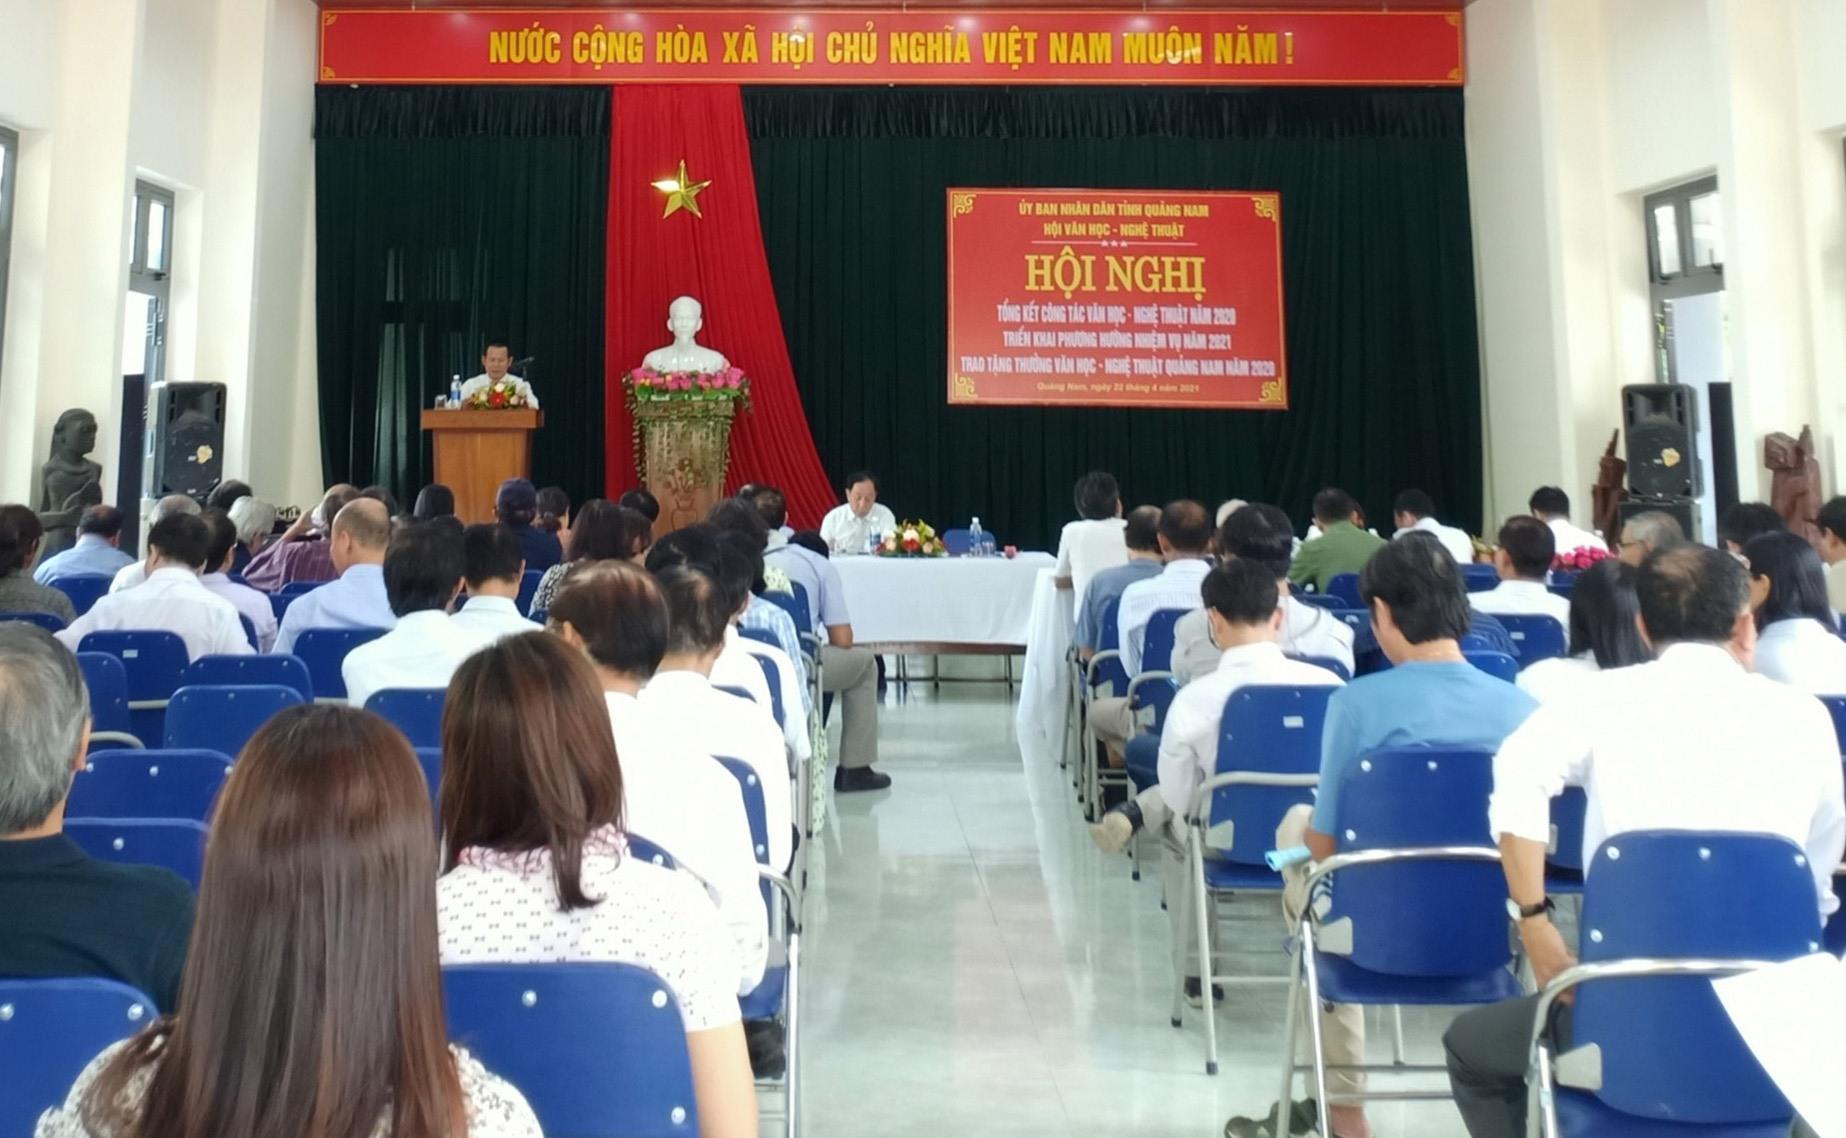 Rất đông các đại biểu dự hội nghị tổng kết VH-NT Quảng Nam năm 2020. Ảnh: N.T